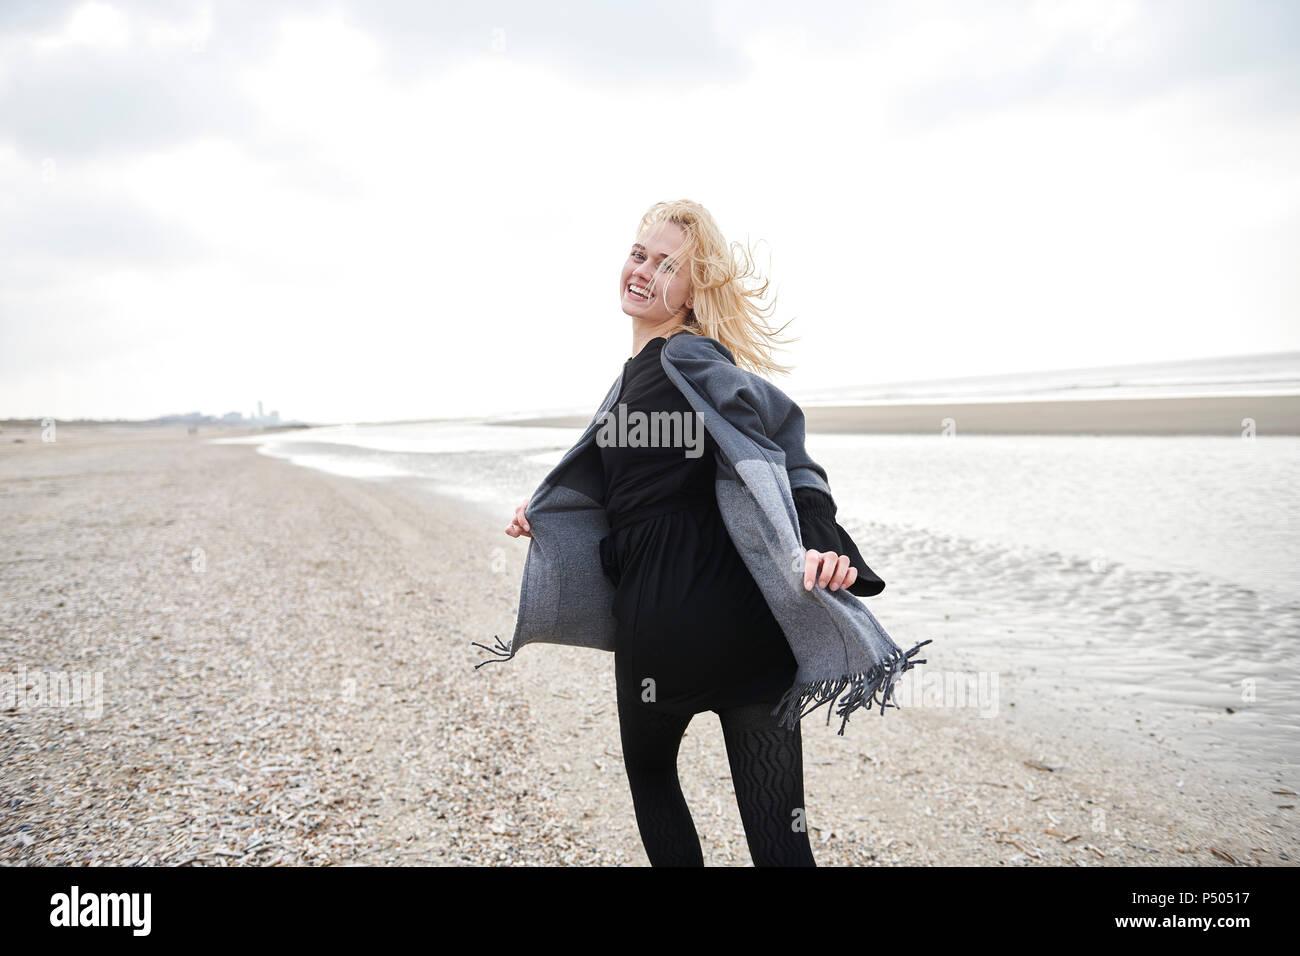 Paesi Bassi, Ritratto di giovane donna bionda correre sulla spiaggia Immagini Stock